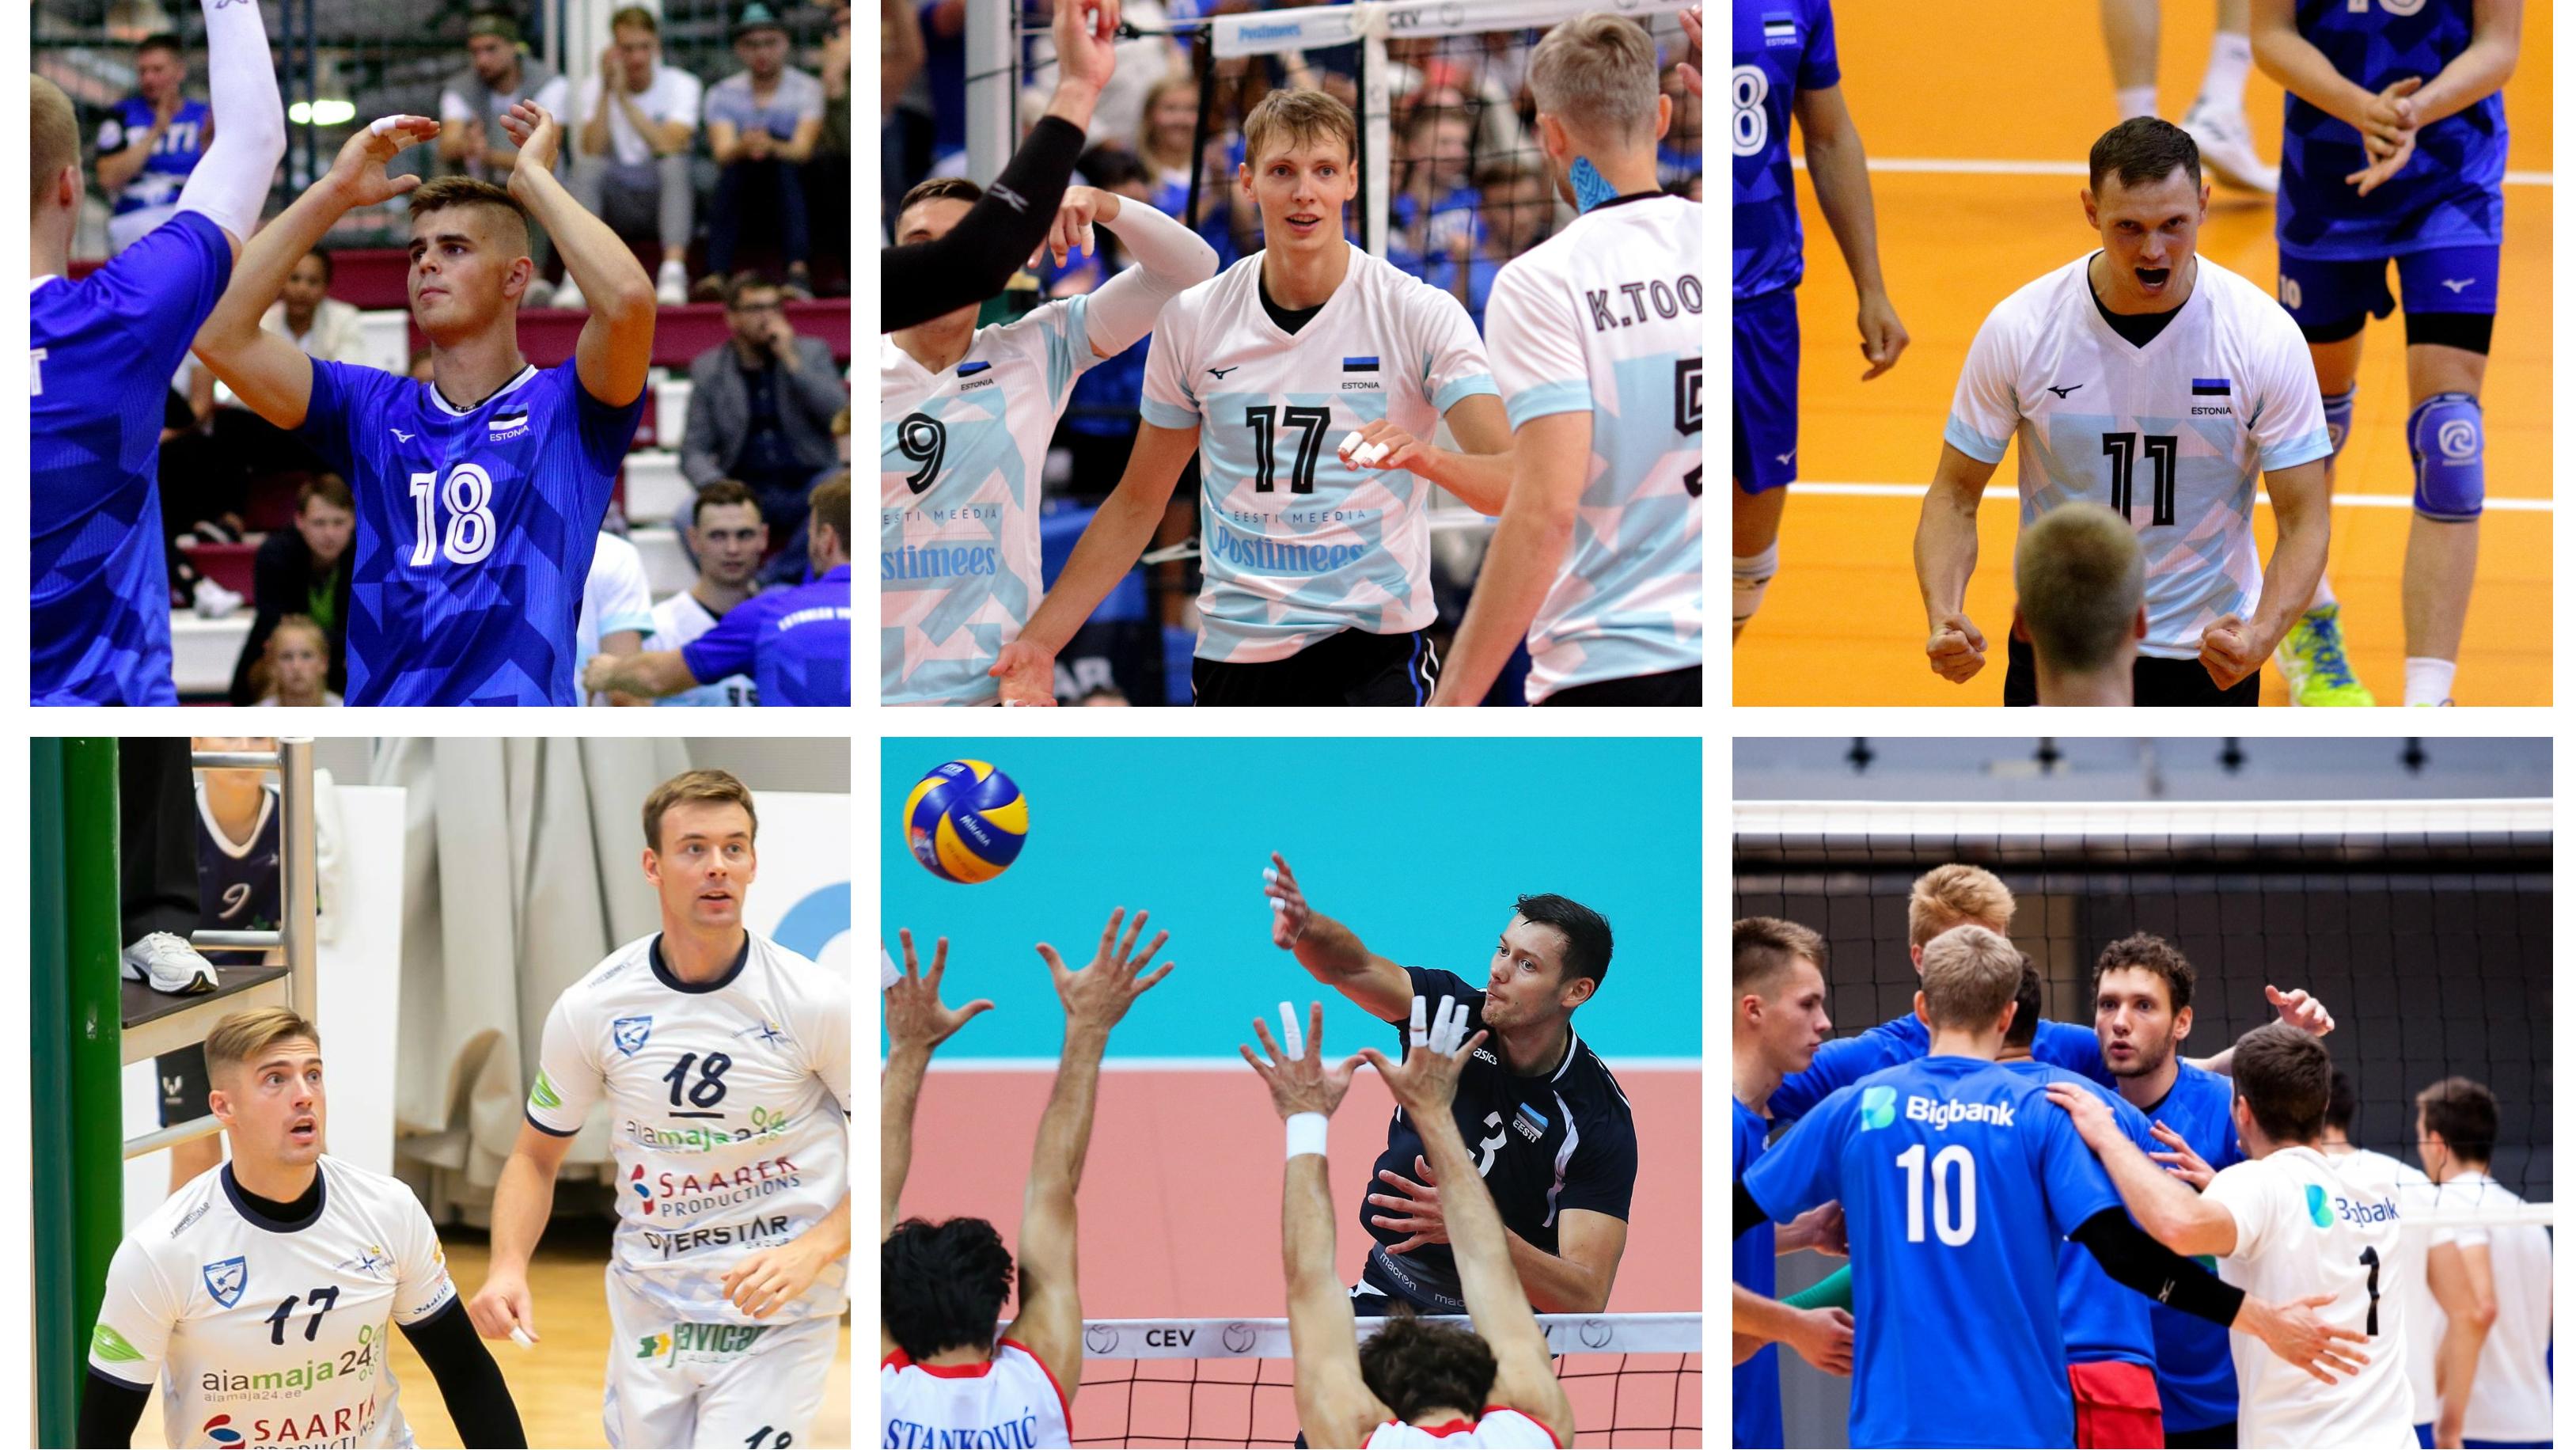 85558dce962 Vasakult ülevalt: Kevin Saar, Timo Tammemaa, Johan Vahter, Siim Ennemuist  ja Siim Põlluäär, Keith Pupart ja Hindrek Pulk. | Fotod: volley.ee; Siim  Semiskar, ...